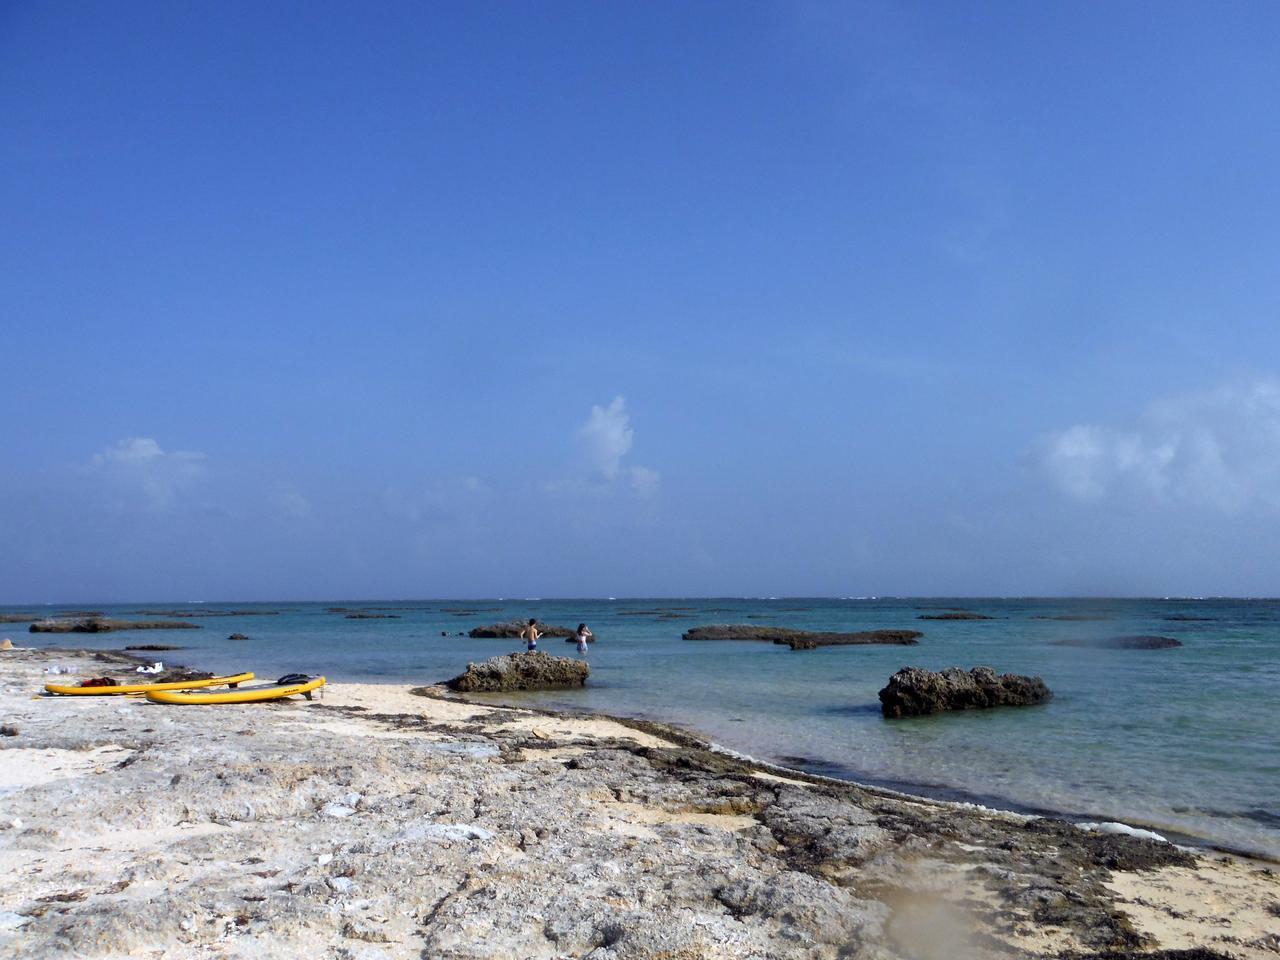 画像: サイプレスリゾート久米島のプライベートビーチを満喫♪-沖縄旅行激安予約サイトの沖縄旅予約ドットコム